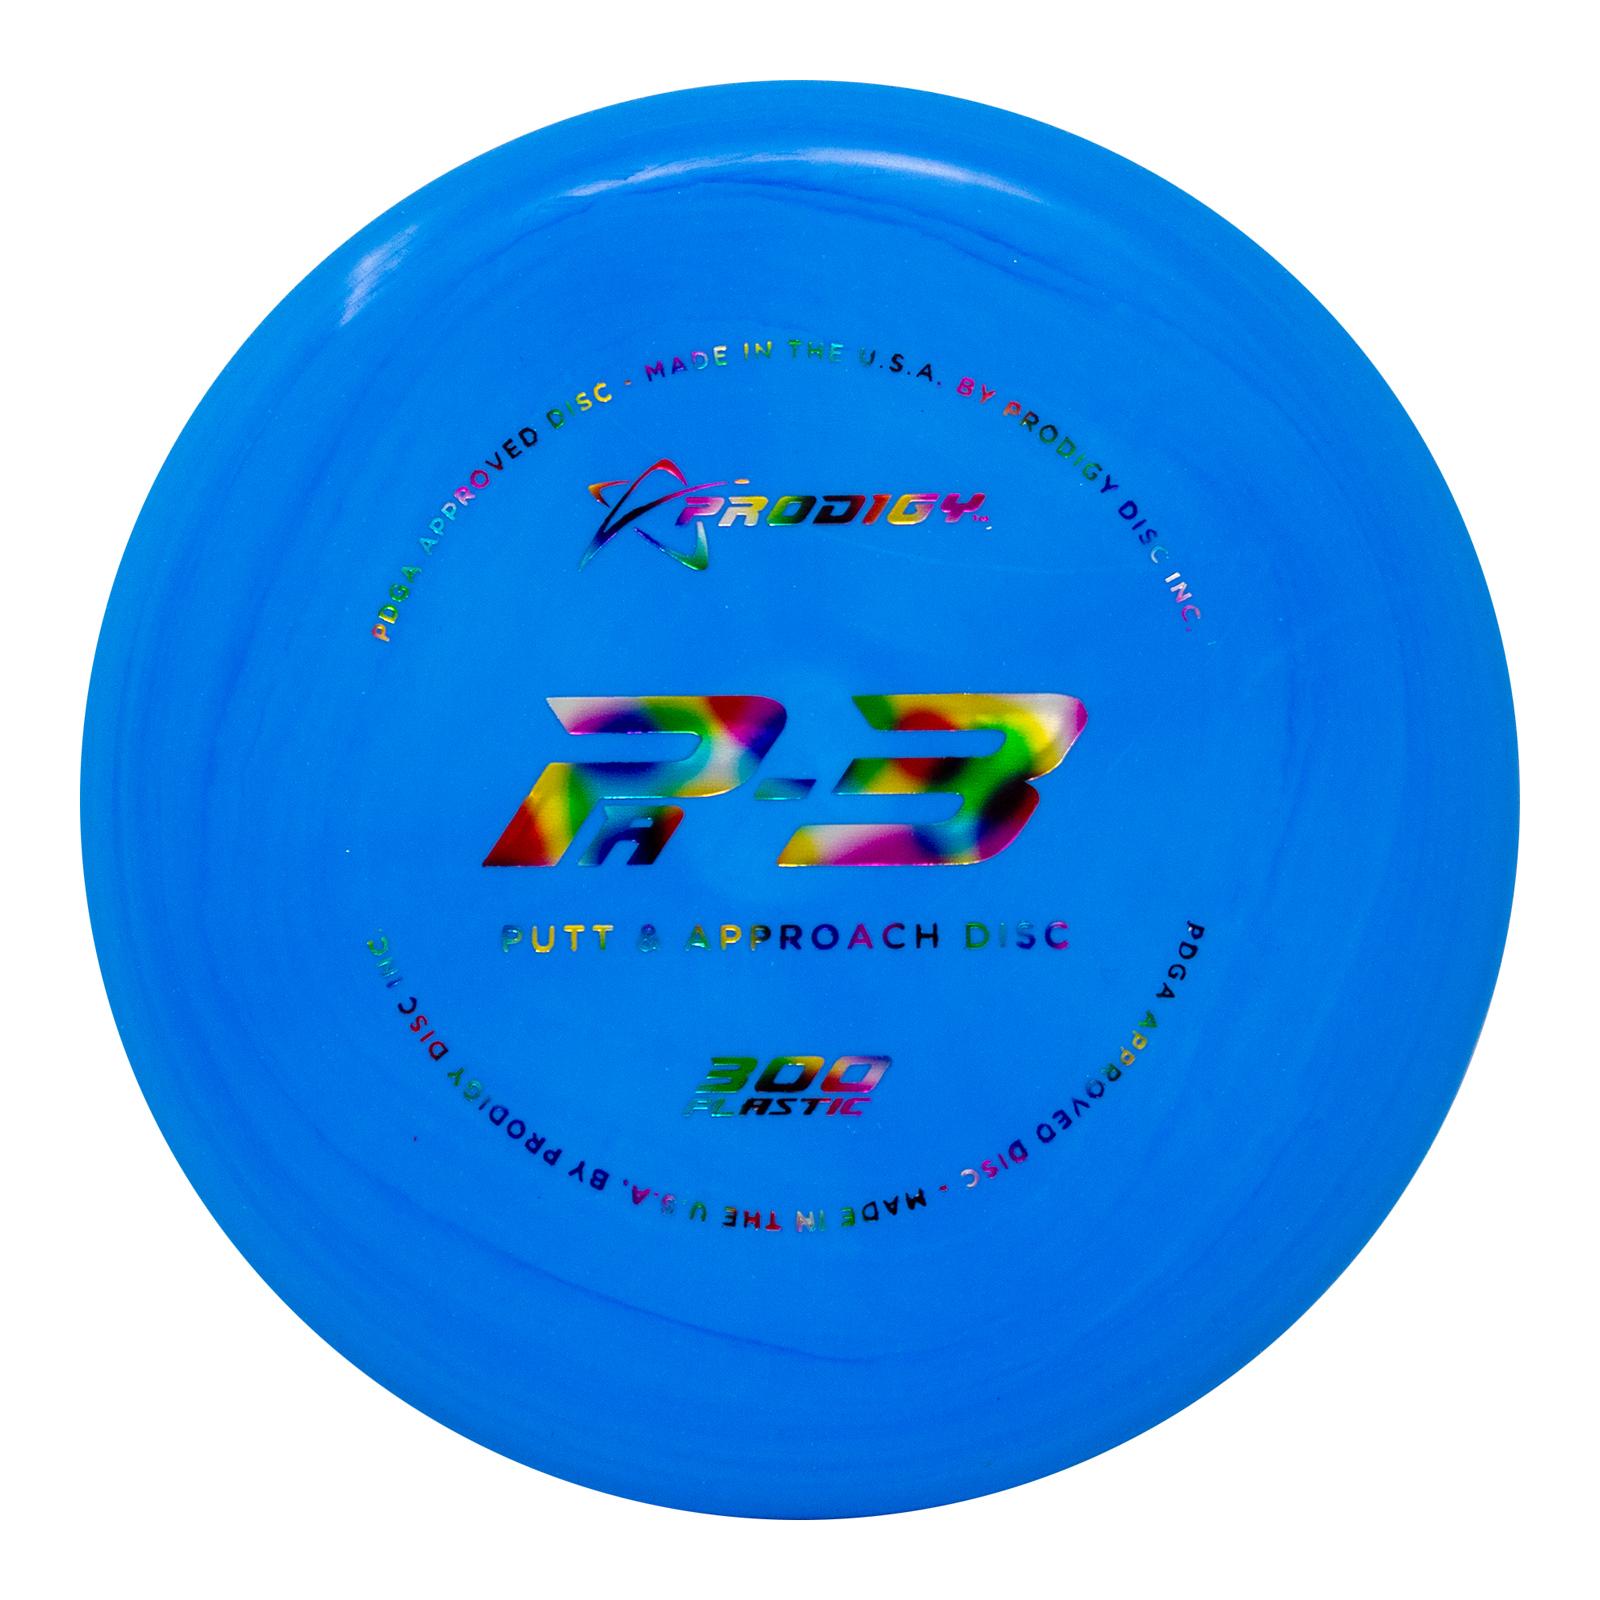 PA-3 - 300 PLASTIC